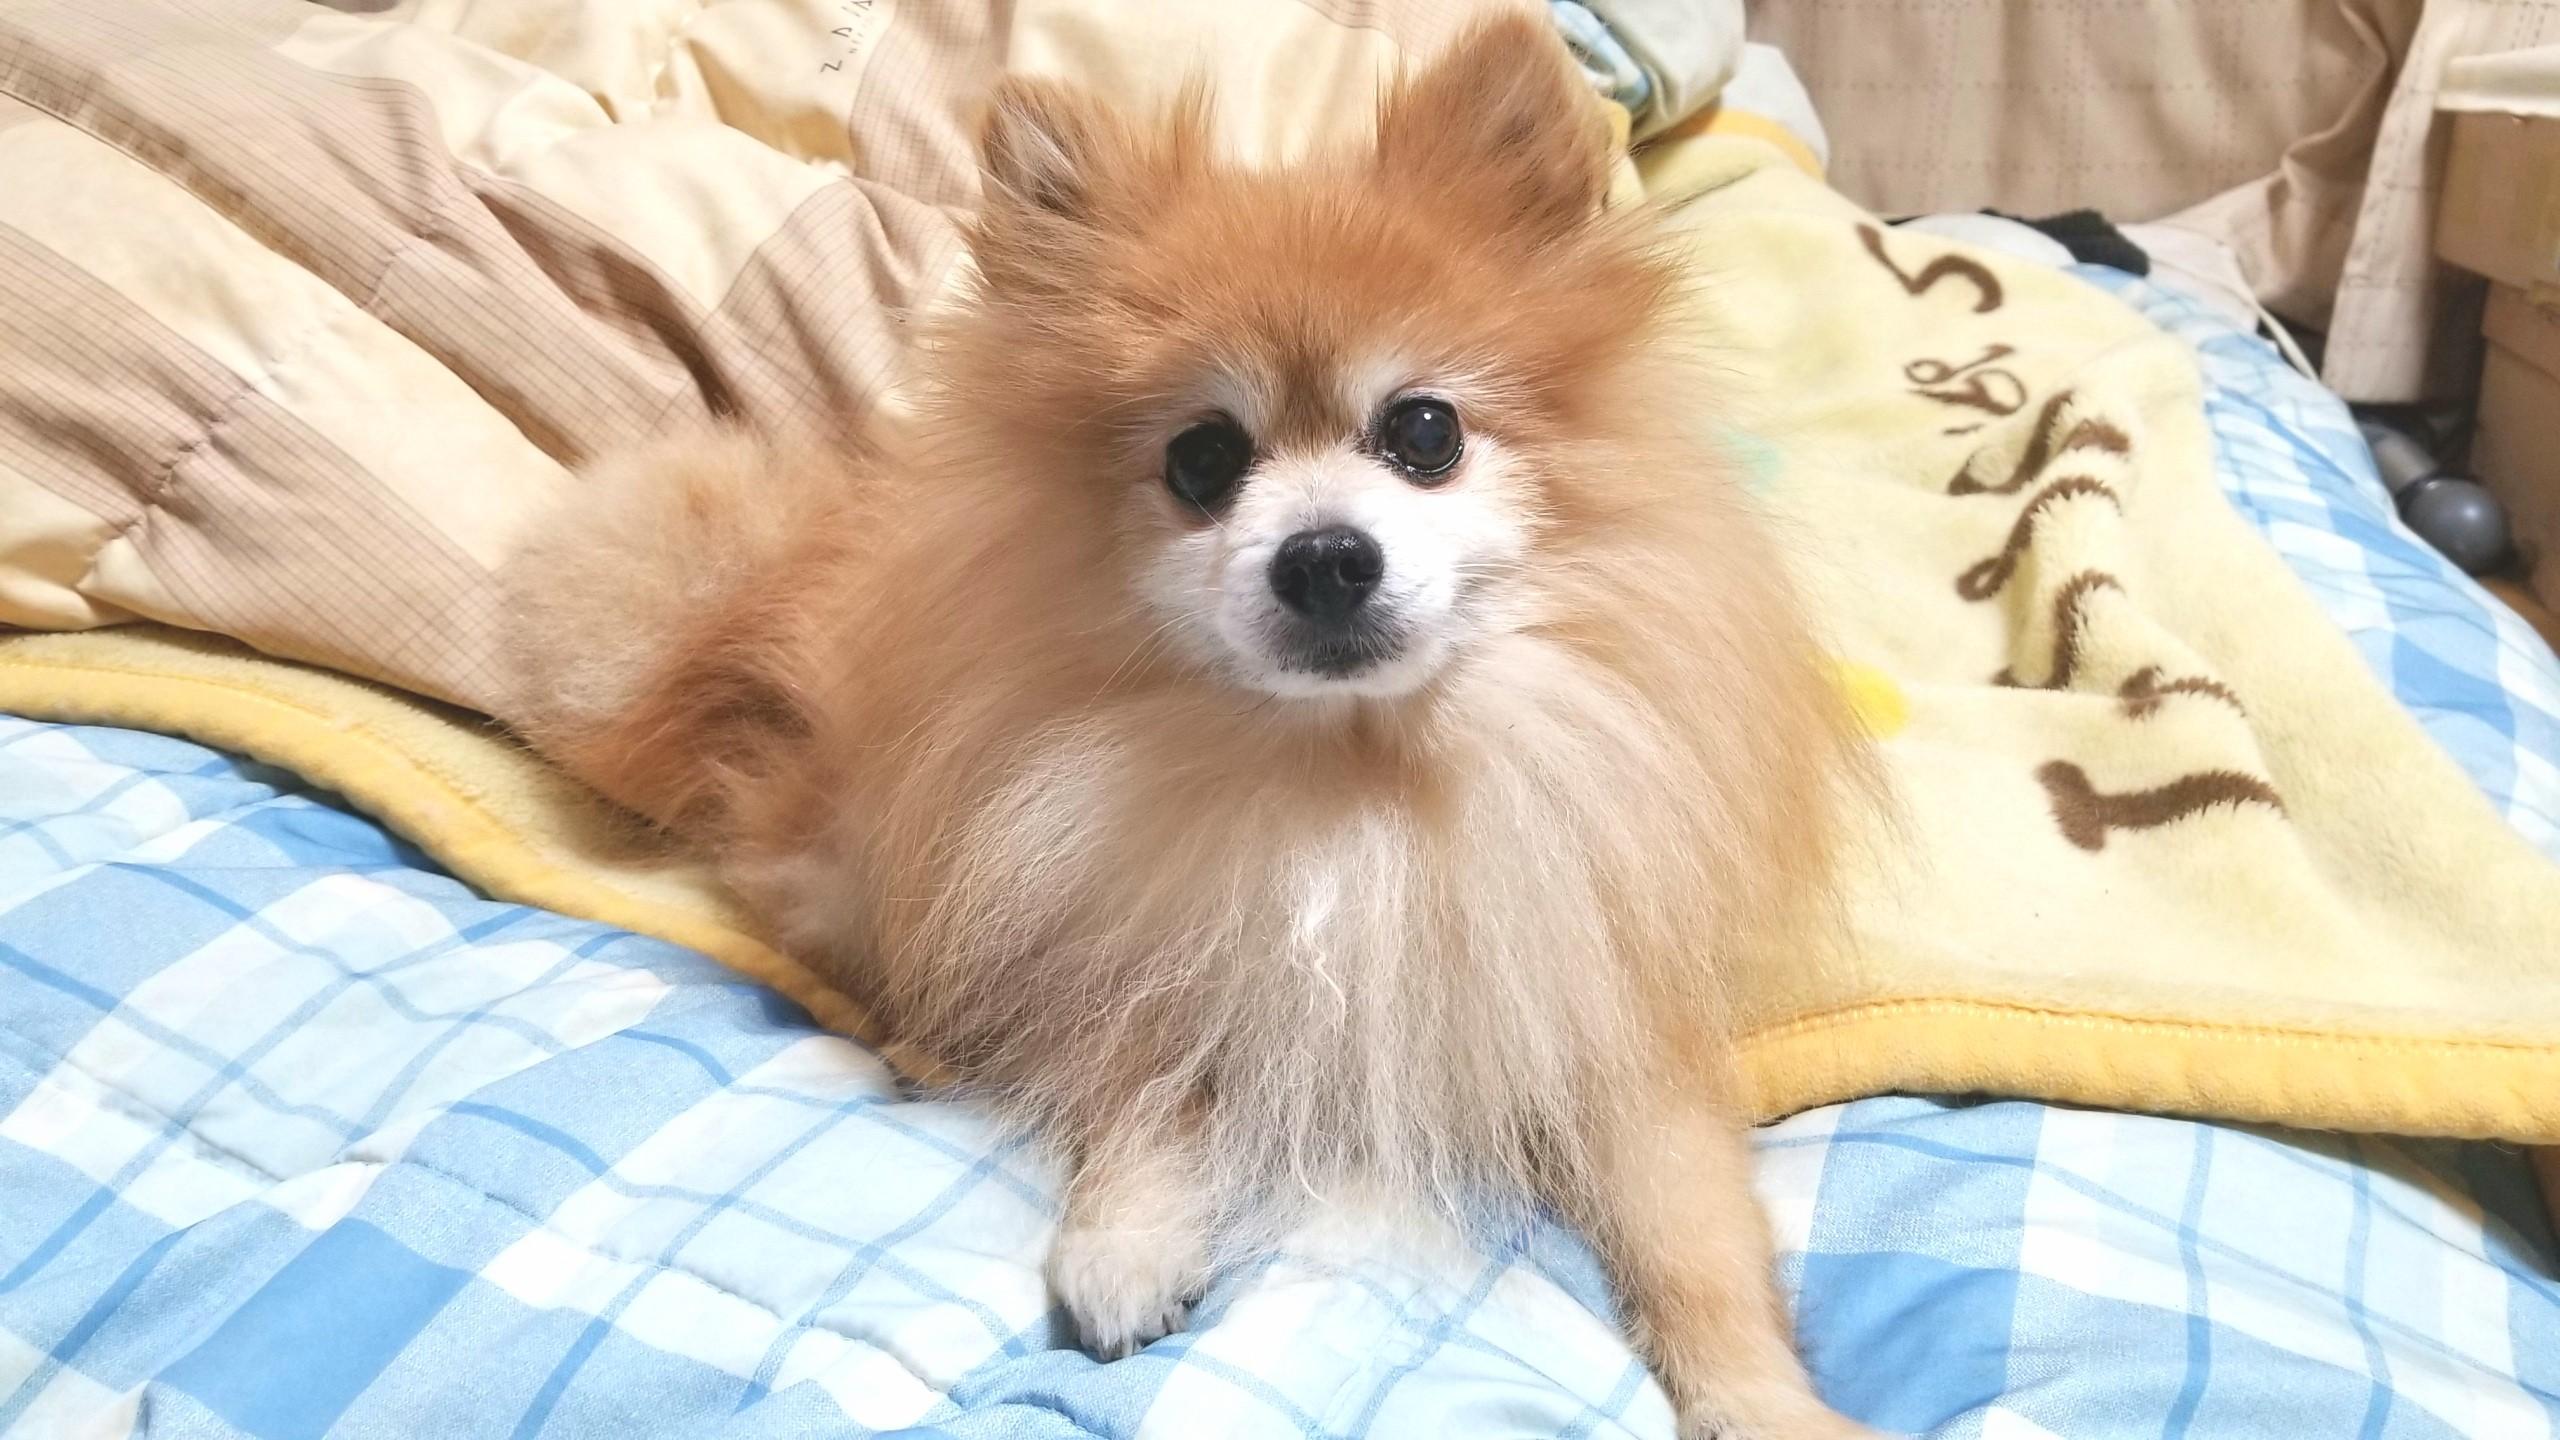 世界一かわいいポメラニアン,アイドル犬,人気,癒し系ペット,大好き